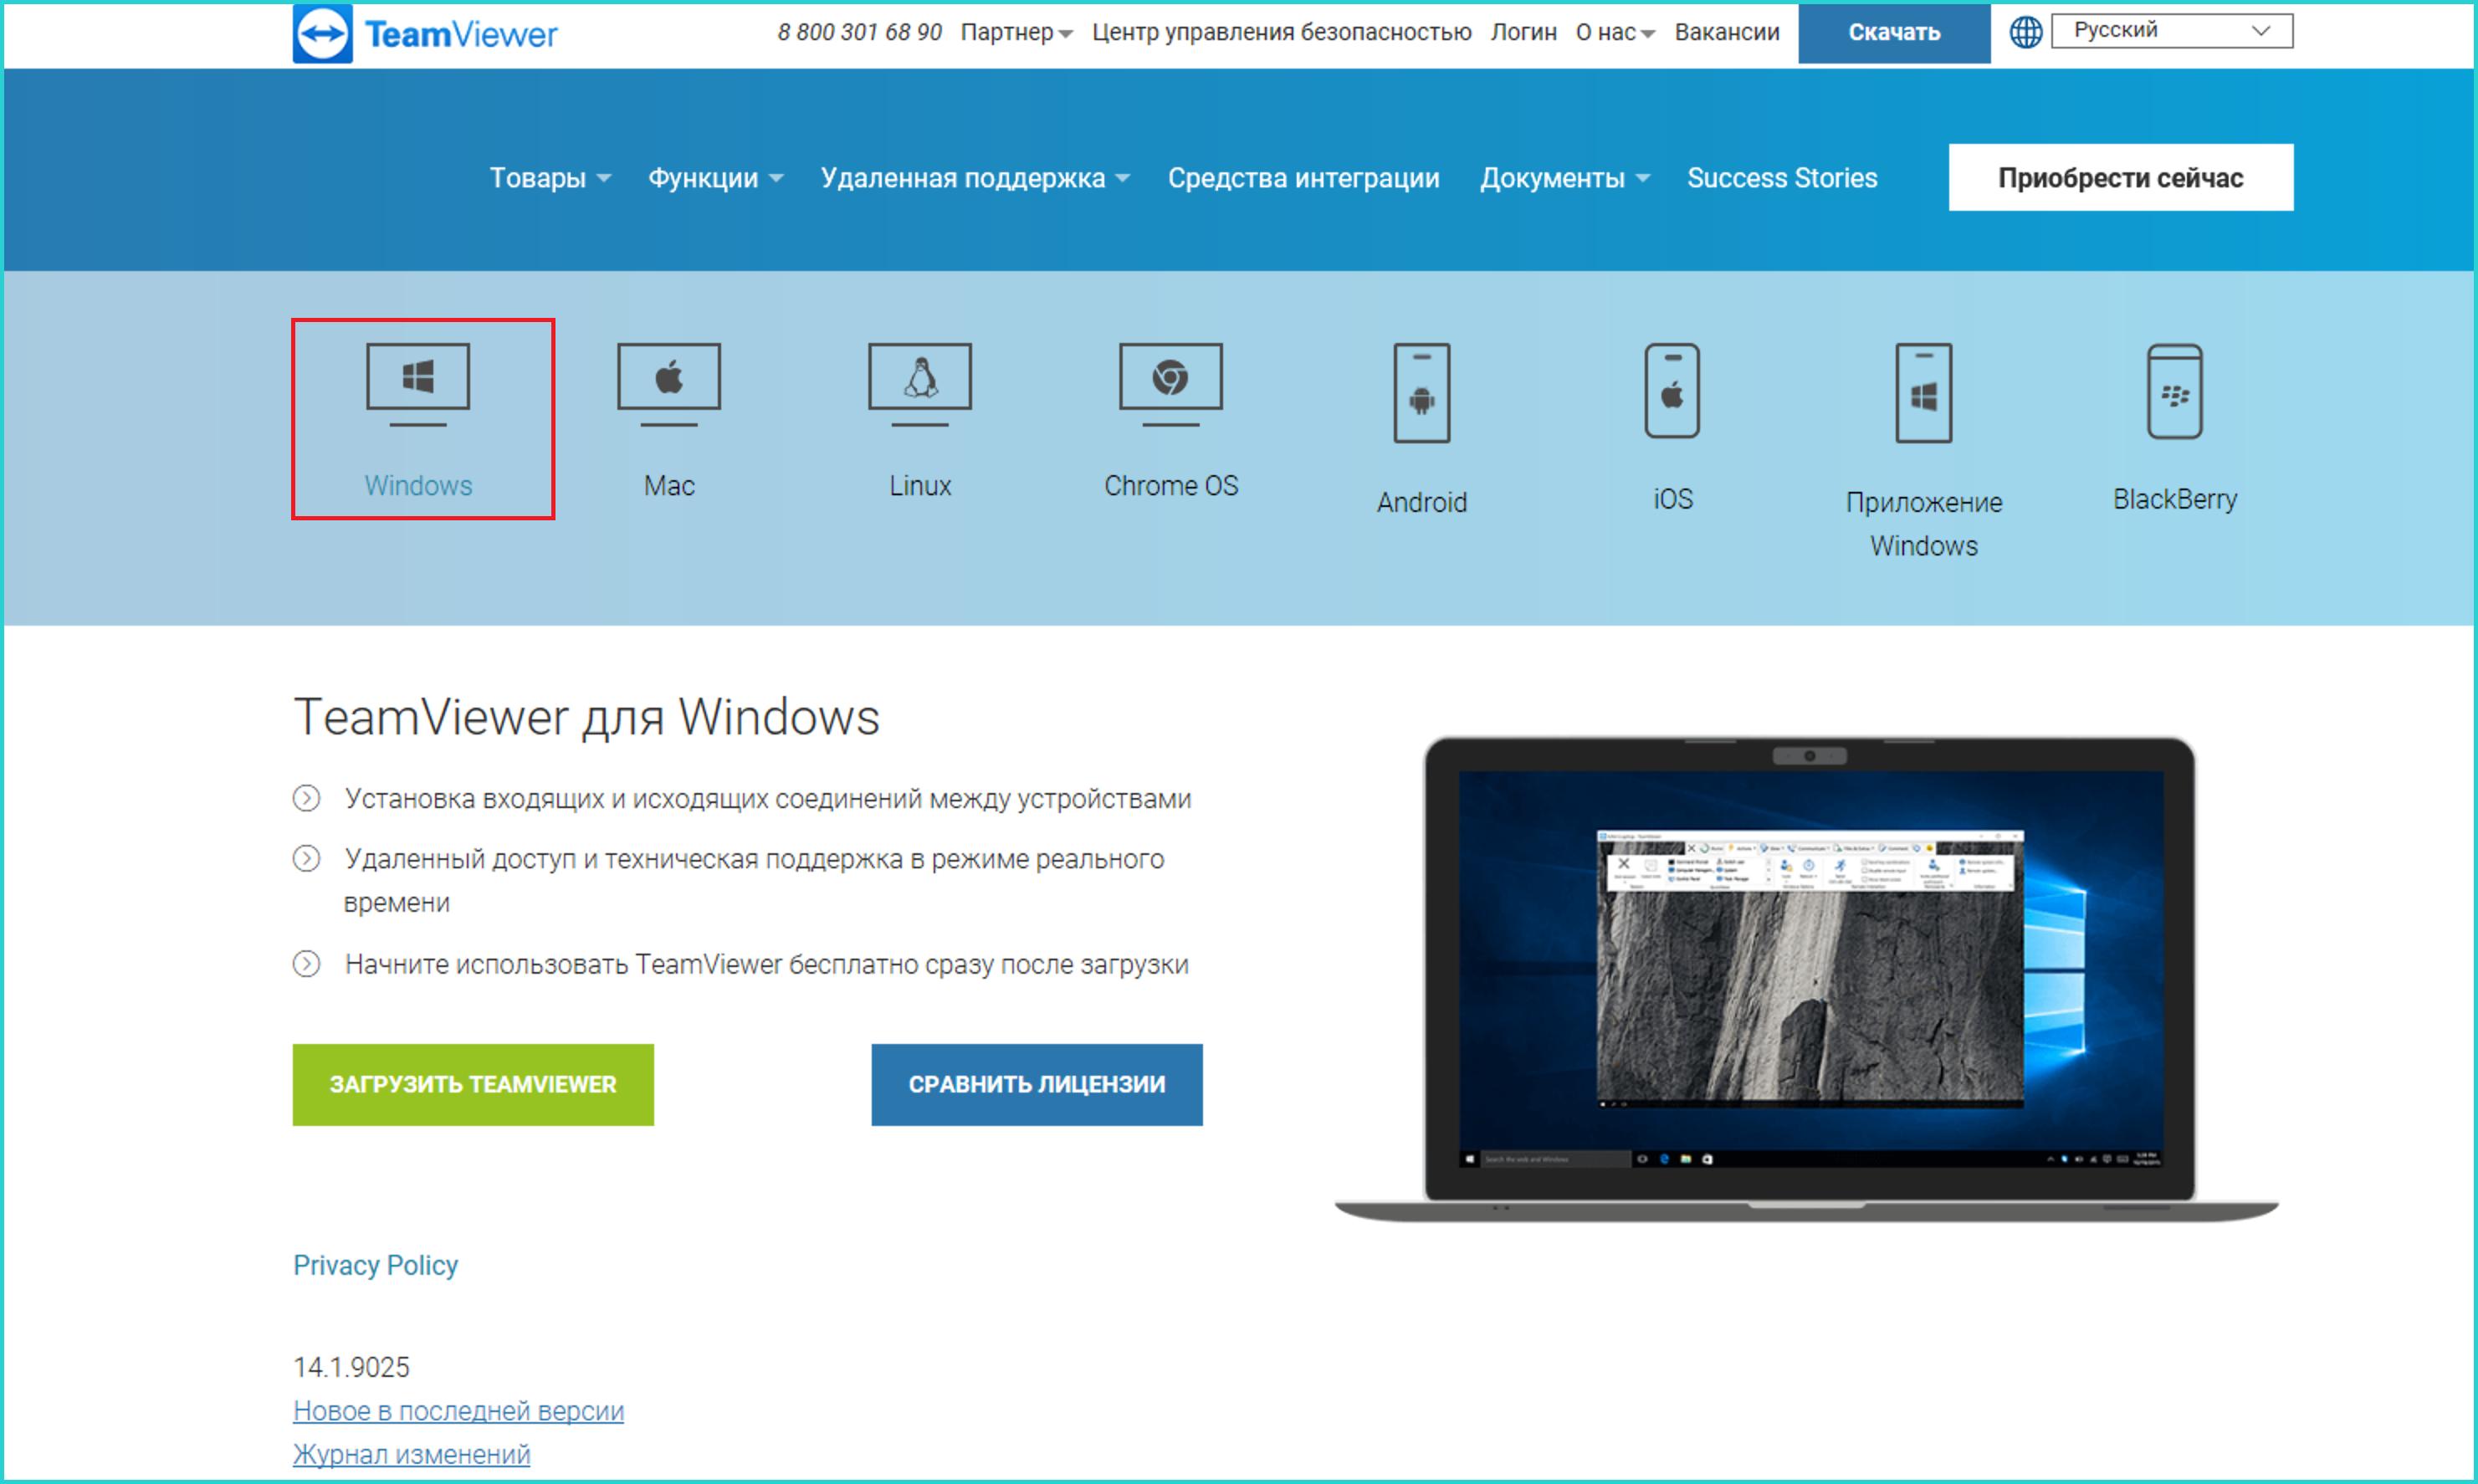 Nazhimaem-knopku-Windows-nahodim-zelenuju-knopku-Zagruzit-i-klikaem-po-nej.png